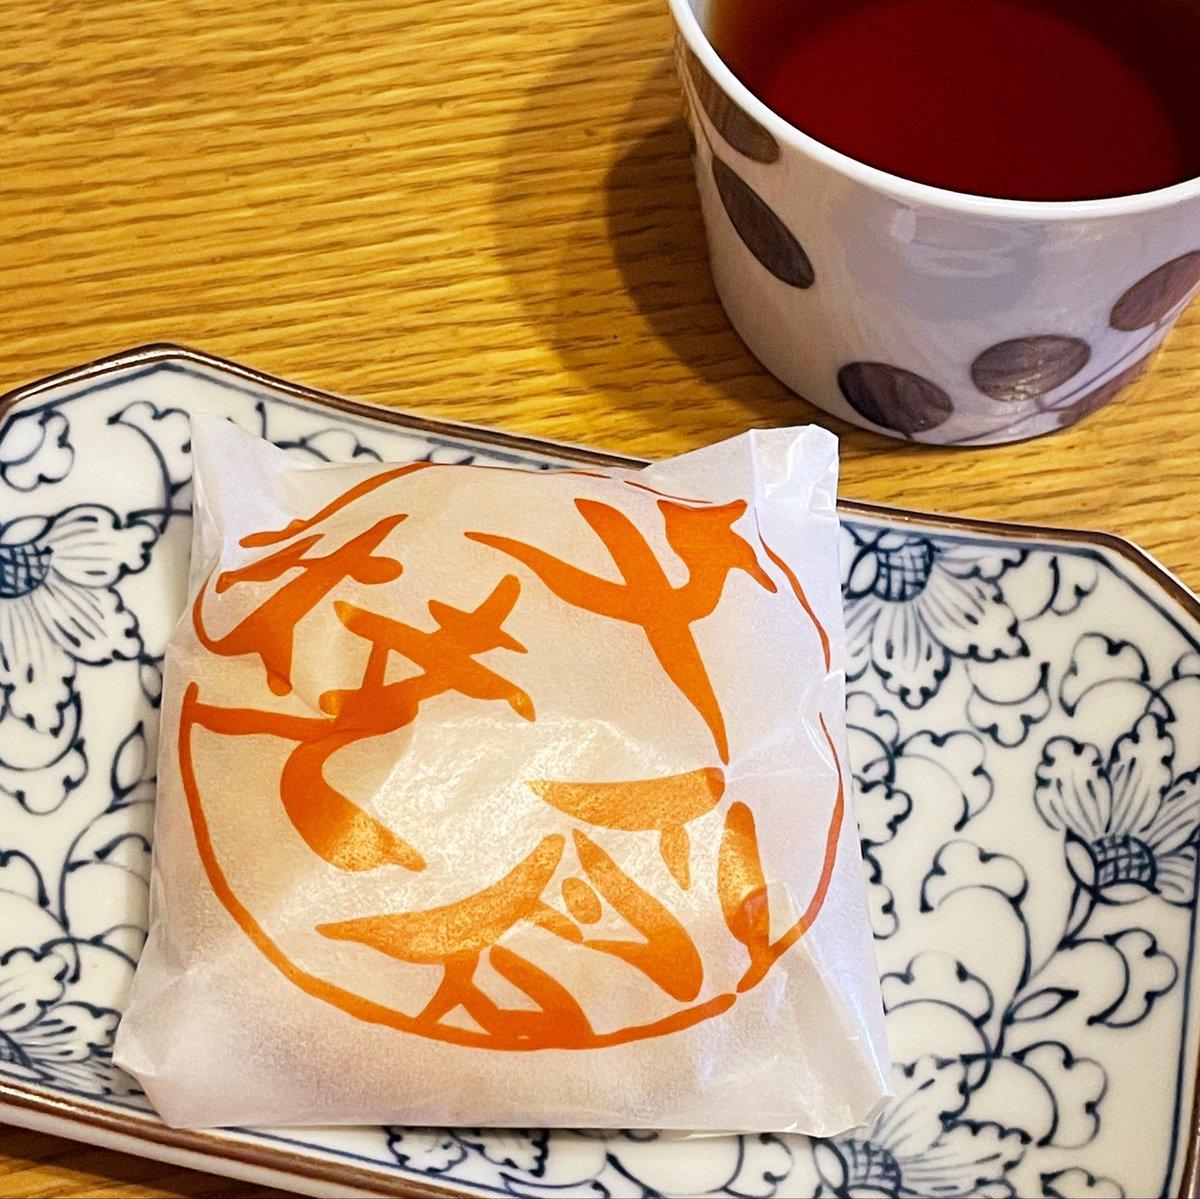 test ツイッターメディア - 本日のおやつ 仙台銘菓 支倉焼 くるみの入った白あんが美味しい  #仙台 #支倉焼 https://t.co/s1BI2vbefj